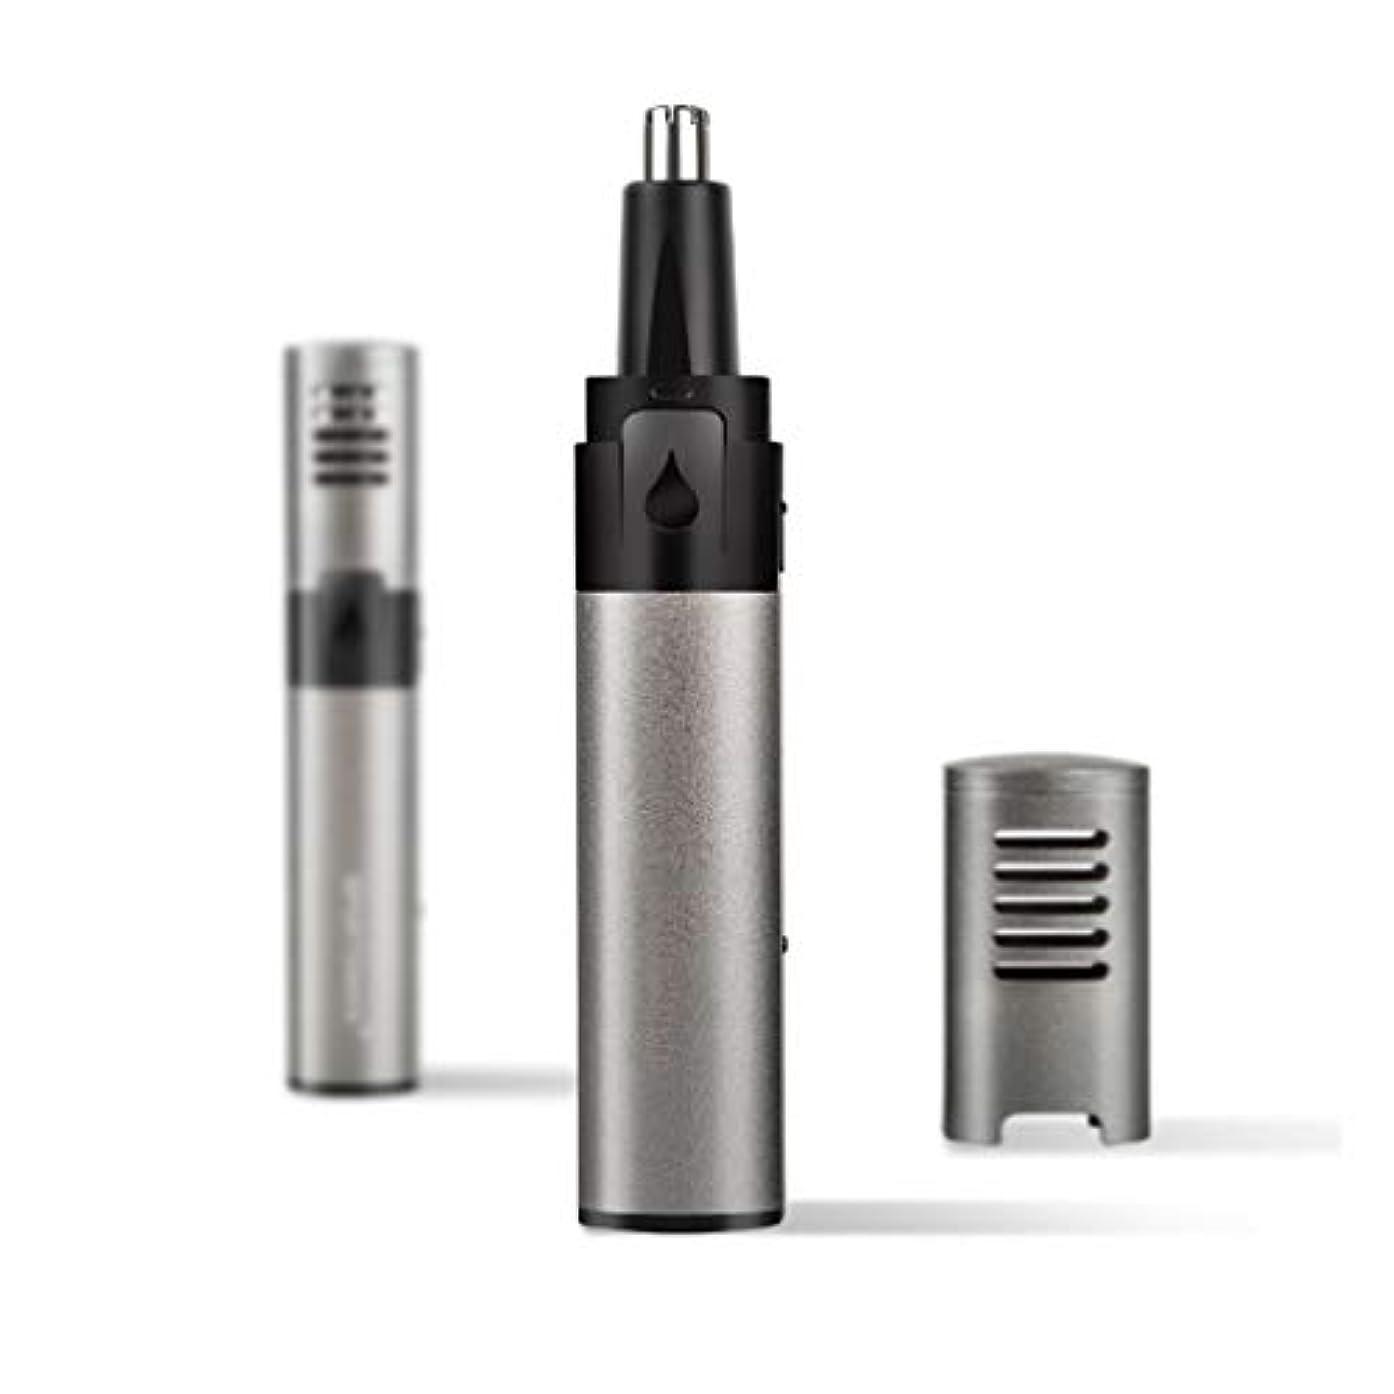 忘れられない味組男性と女性のための鼻毛、耳鼻のトリマー、USB充電式無痛眉とひげと簡単に洗浄用防水両刃の刃